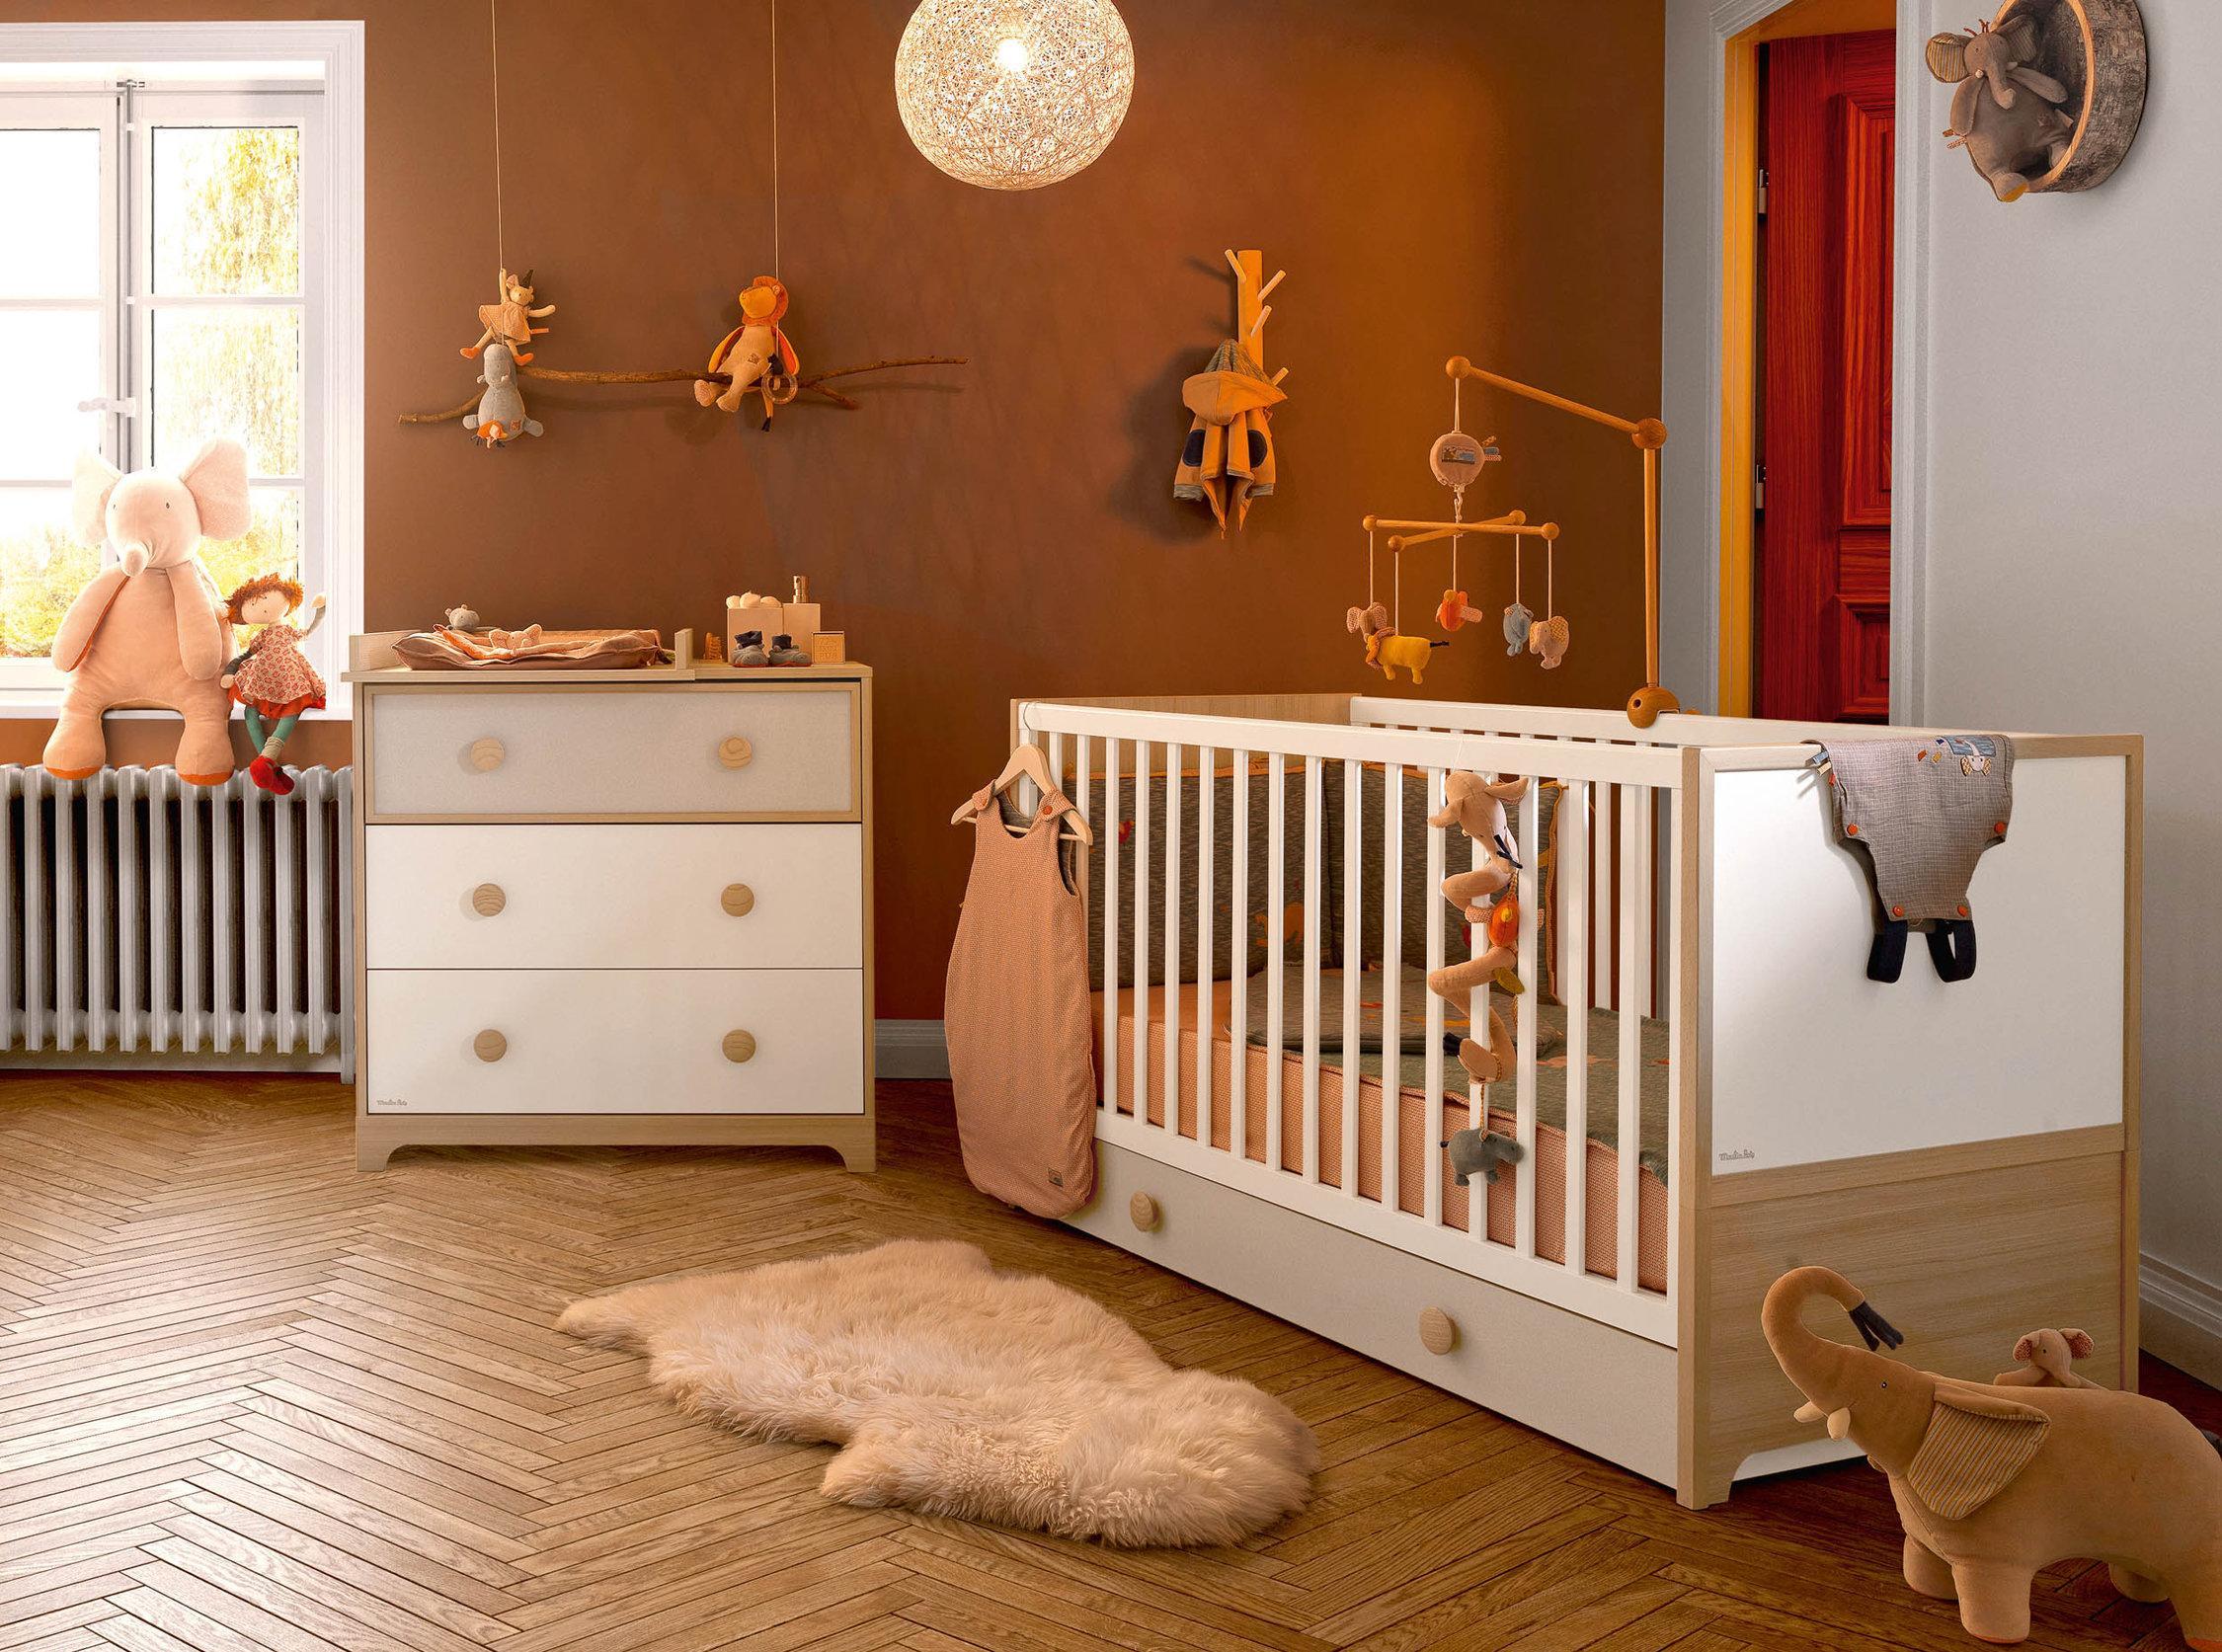 Декор детской кроватки мобиль с игрушками